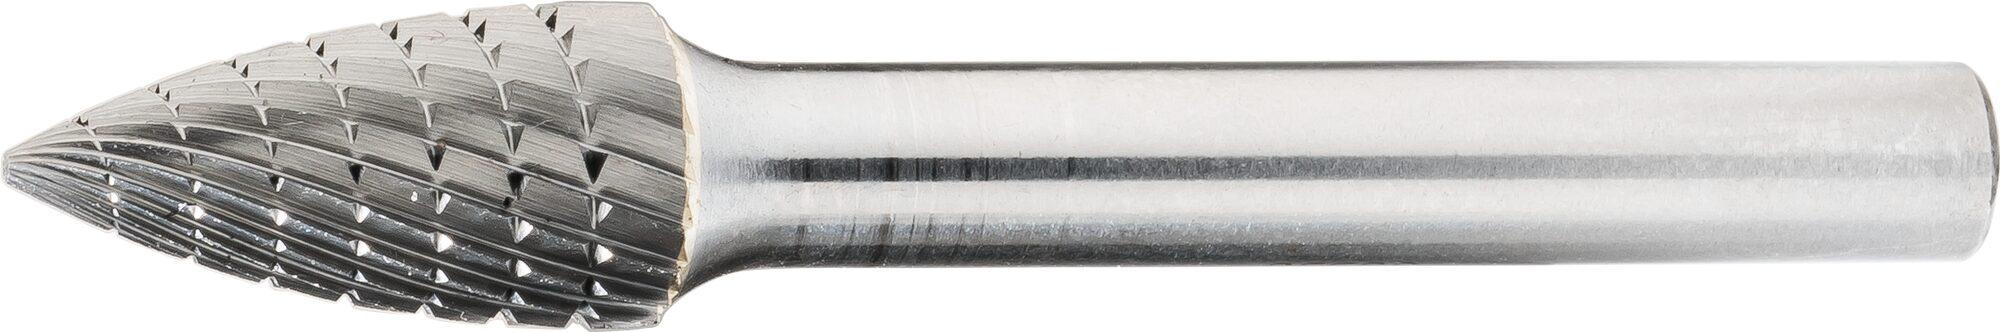 HAZET Hartmetall Frässtifte ∙ 6mm 9032-06KE